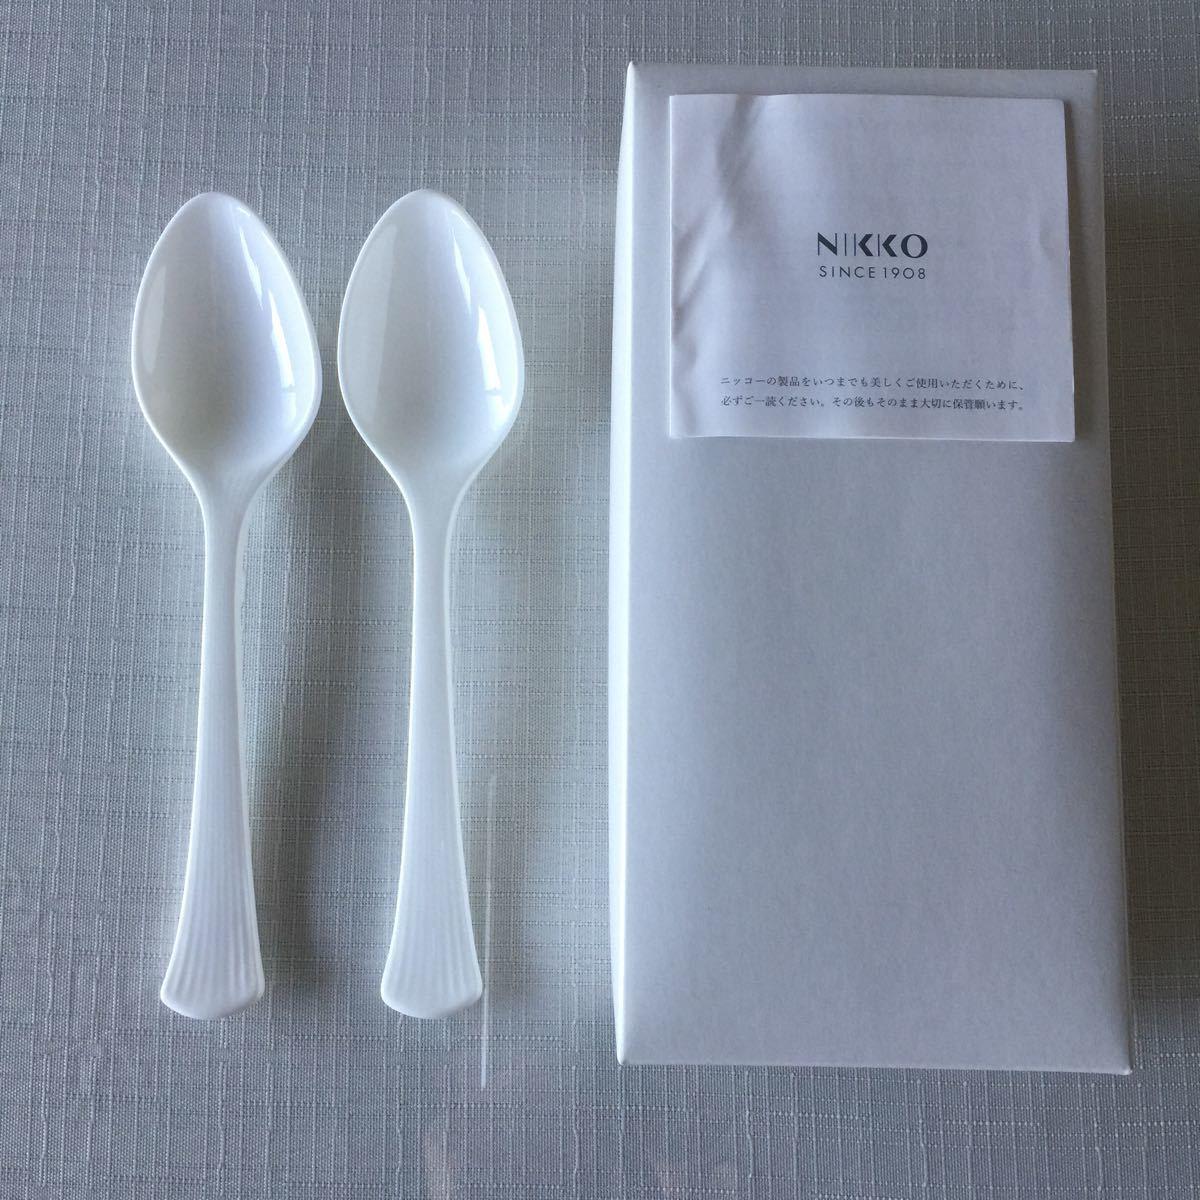 【新品】NIKKO ニッコー ファインボーンチャイナ スープスプーン ペア 2点セット 陶磁器 カレーライス オムライス ピラフ 洋食等に 引出物